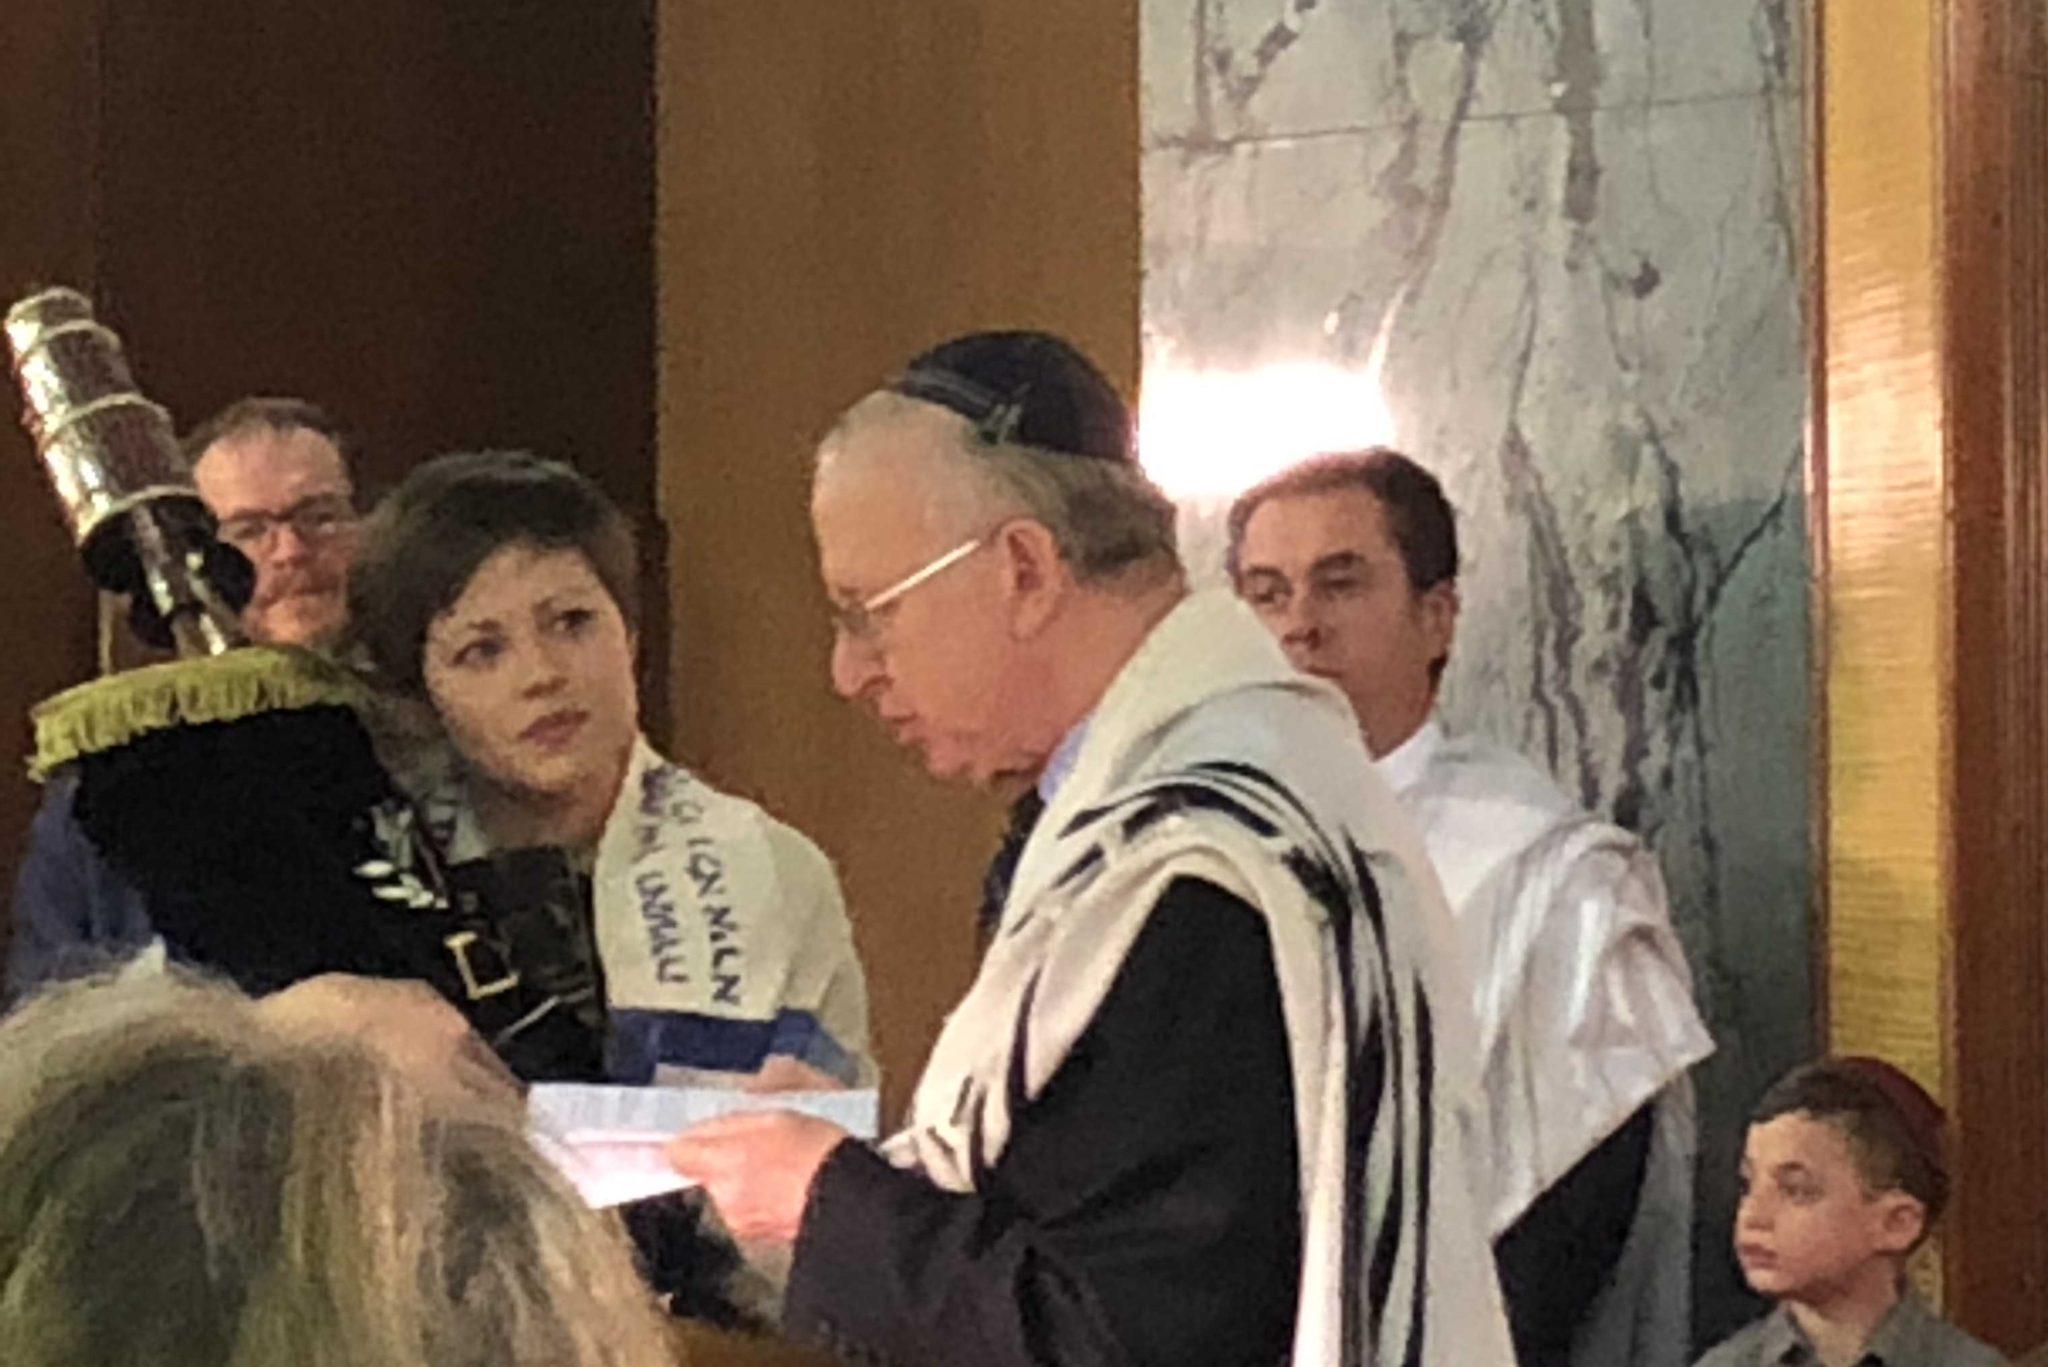 Rabbi Robyn Ashworth-Steen – Manchester Reform Synagogue